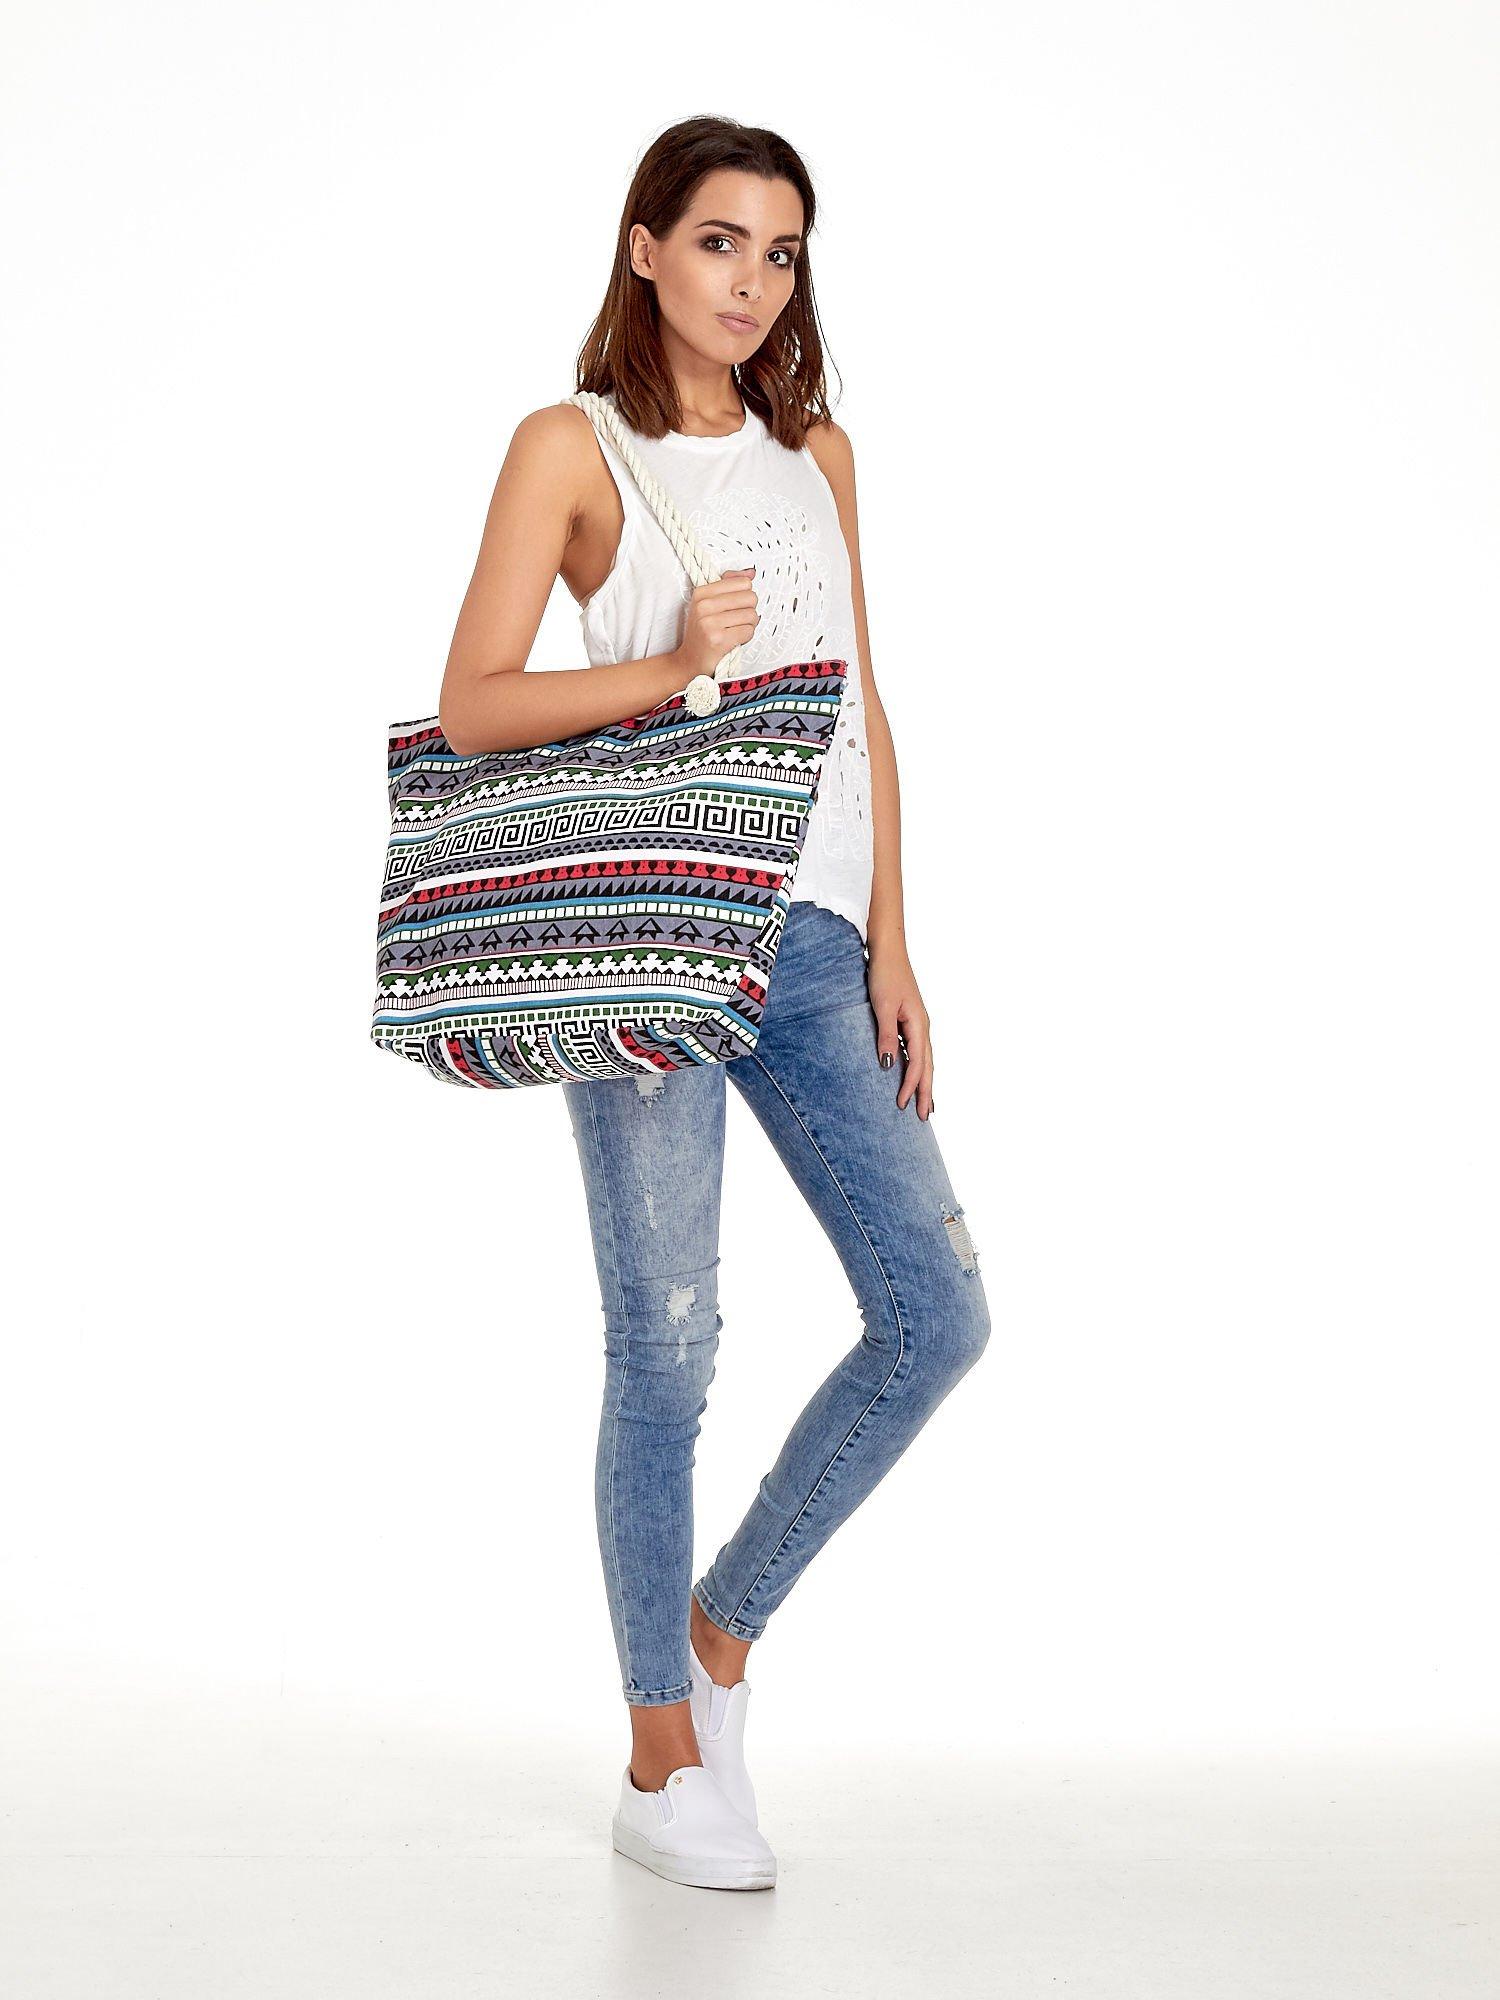 Szara torba plażowa w azteckie wzory                                  zdj.                                  2